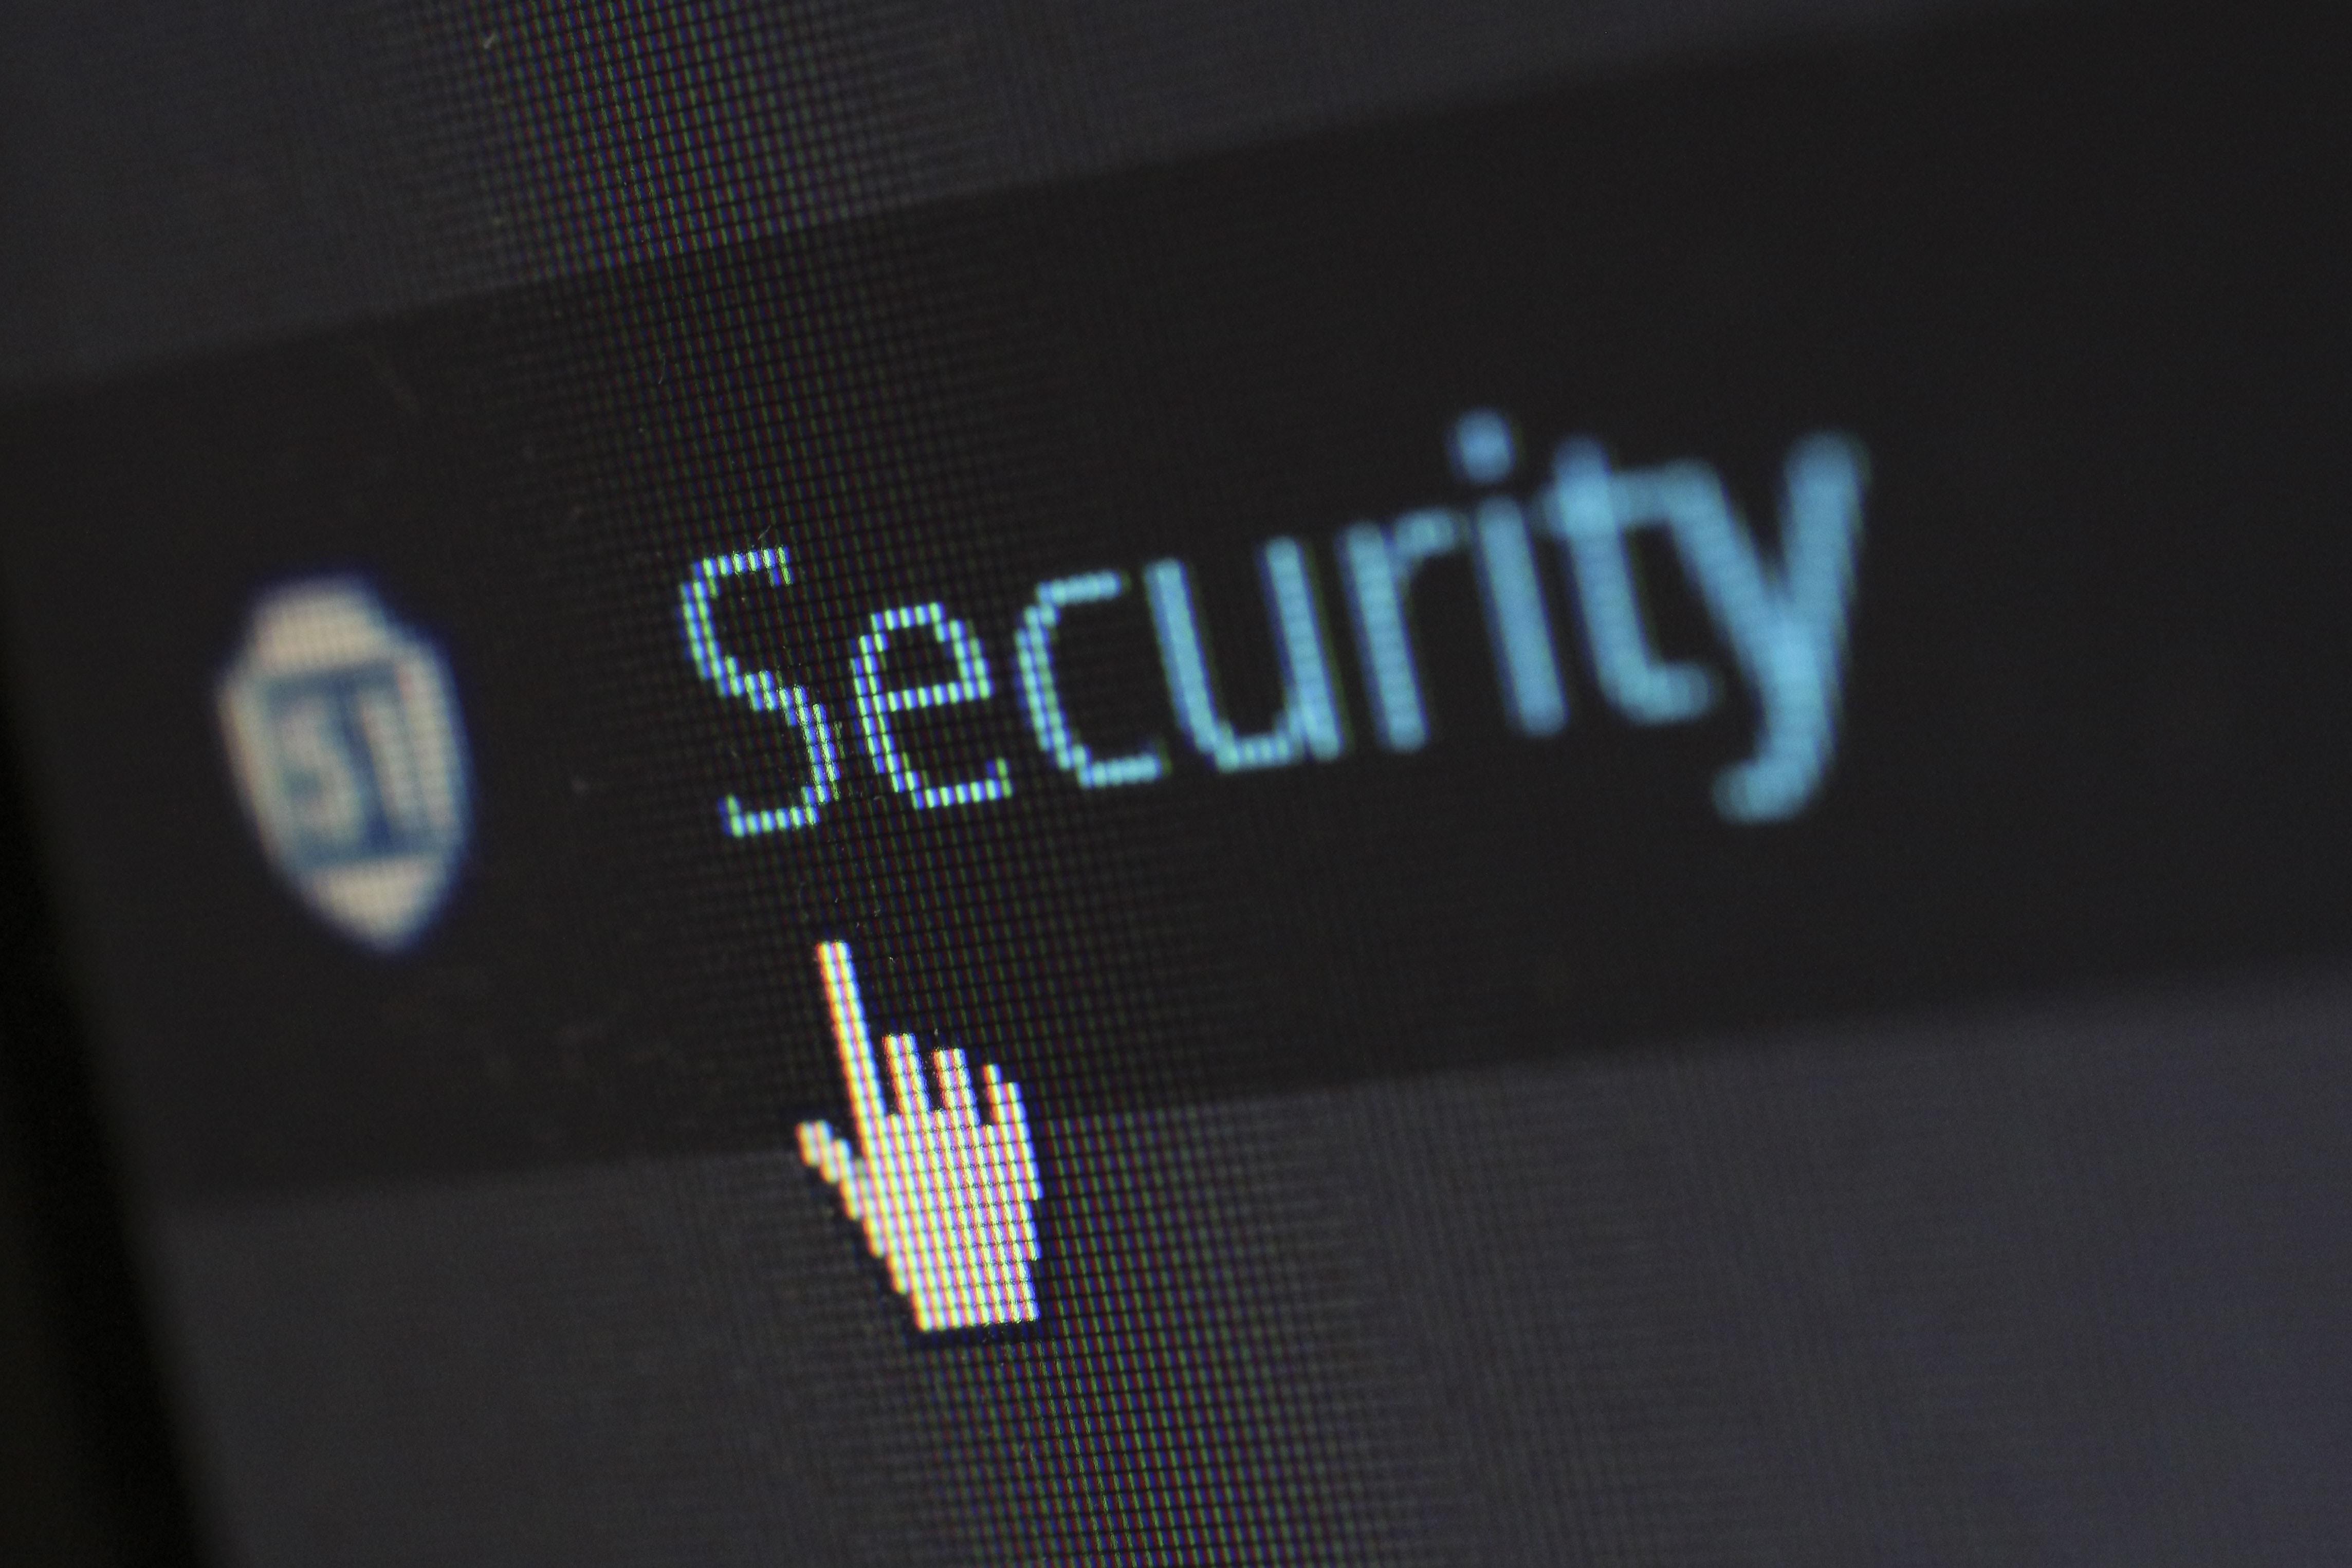 Советы по кибербезопасности для обычных пользователей ПК и интернета